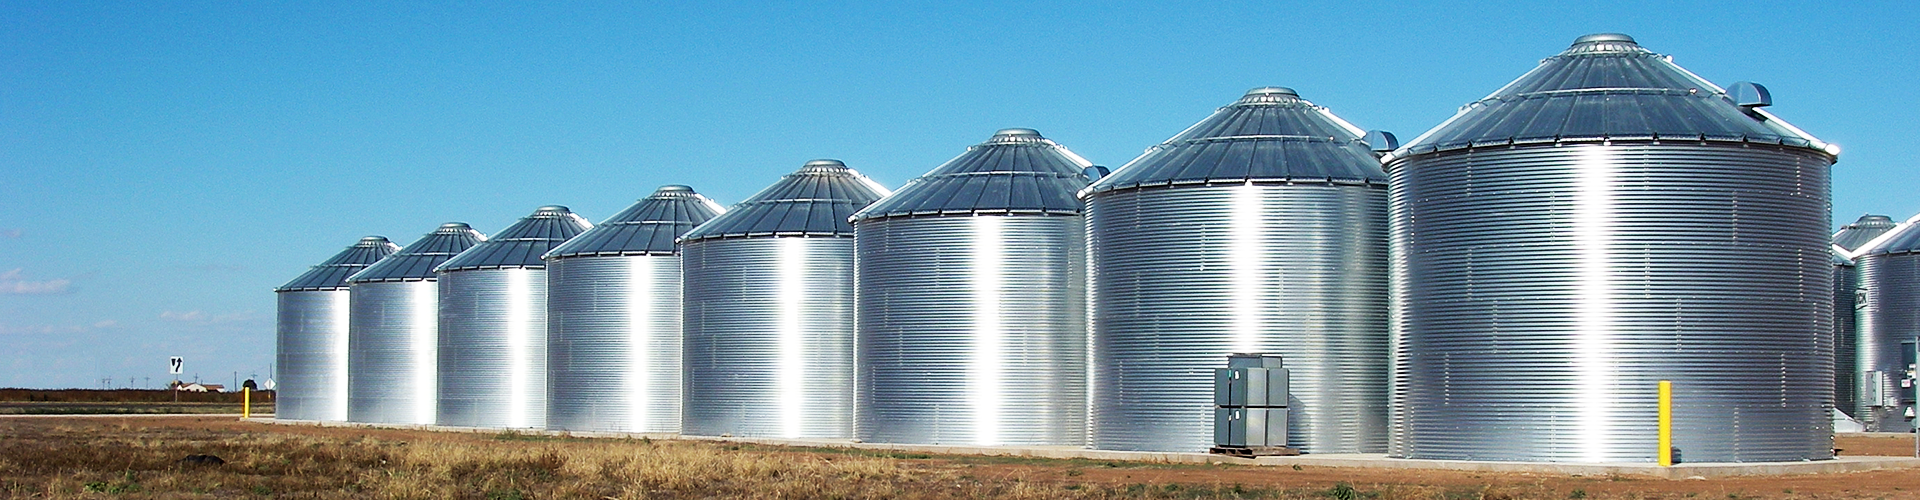 Como a Medição de Nível Soluciona Problemas Provocados Pelo Transbordamento na Indústria Alimentícia?